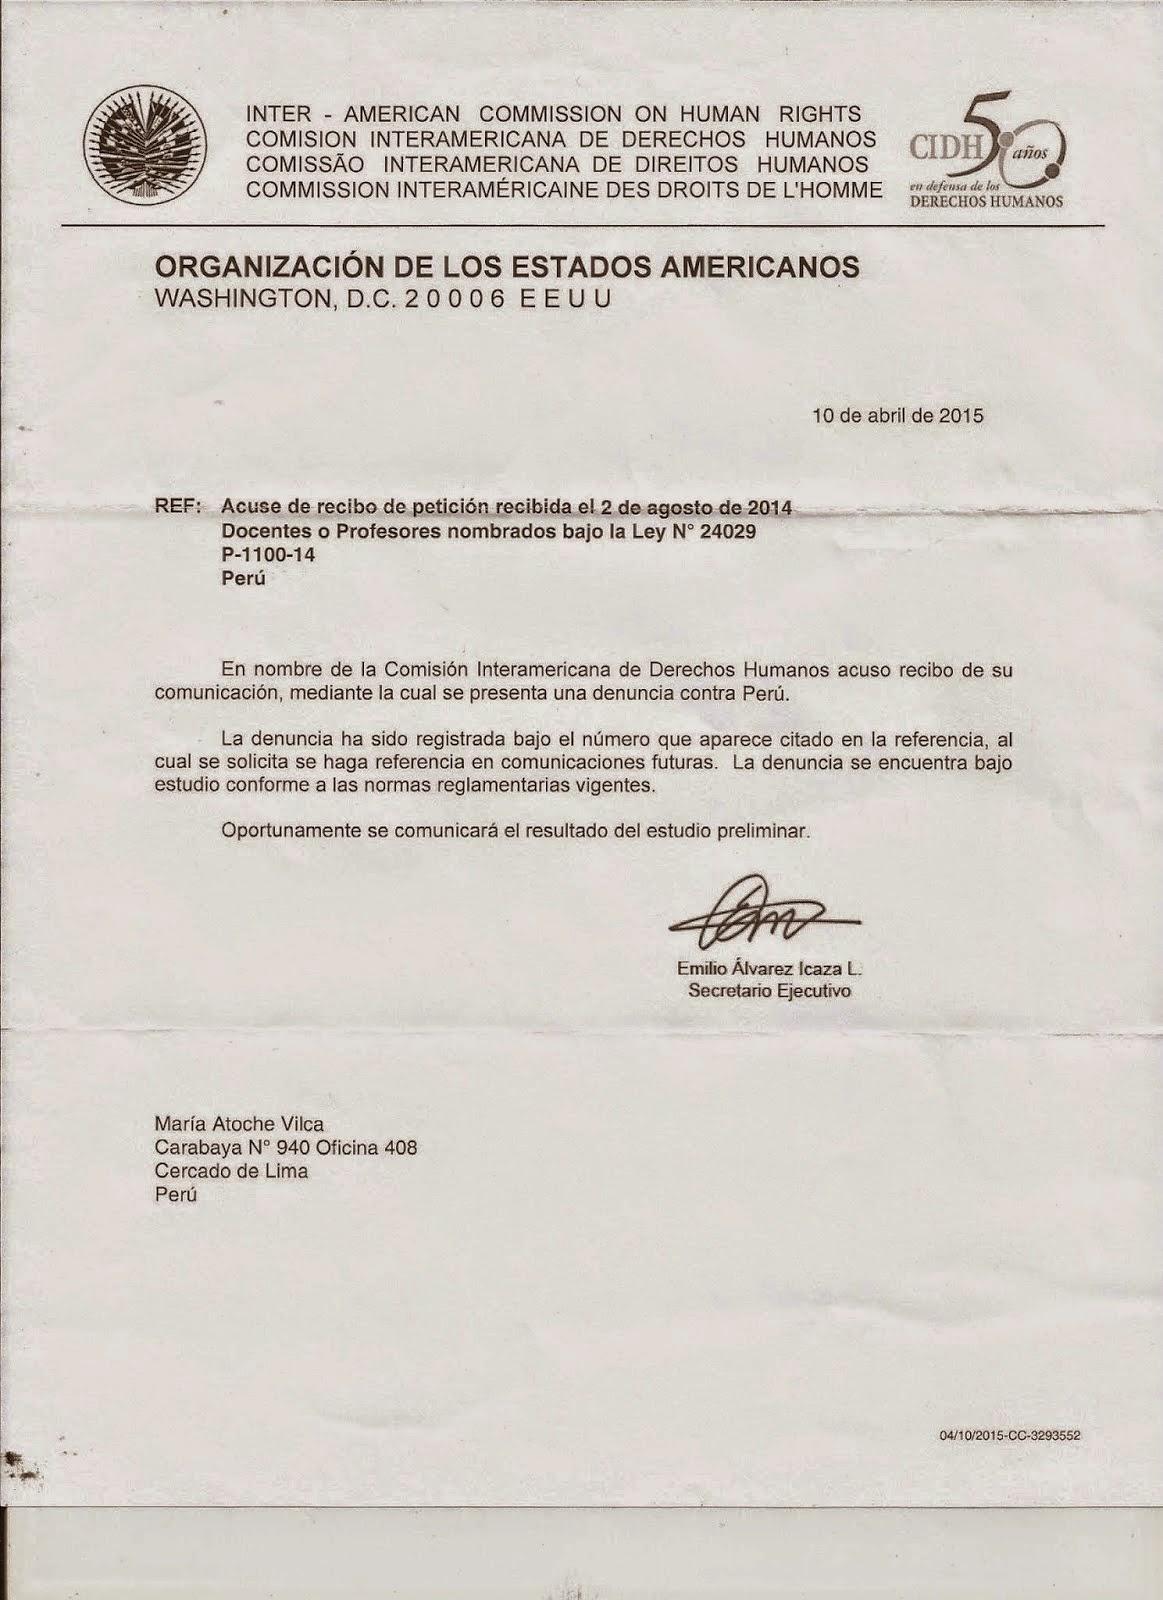 CIDH: DURO GOLPE AL ESTADO PERUANO Y SU GOBIERNO DE TURNO DE OLLANTA HUMALA